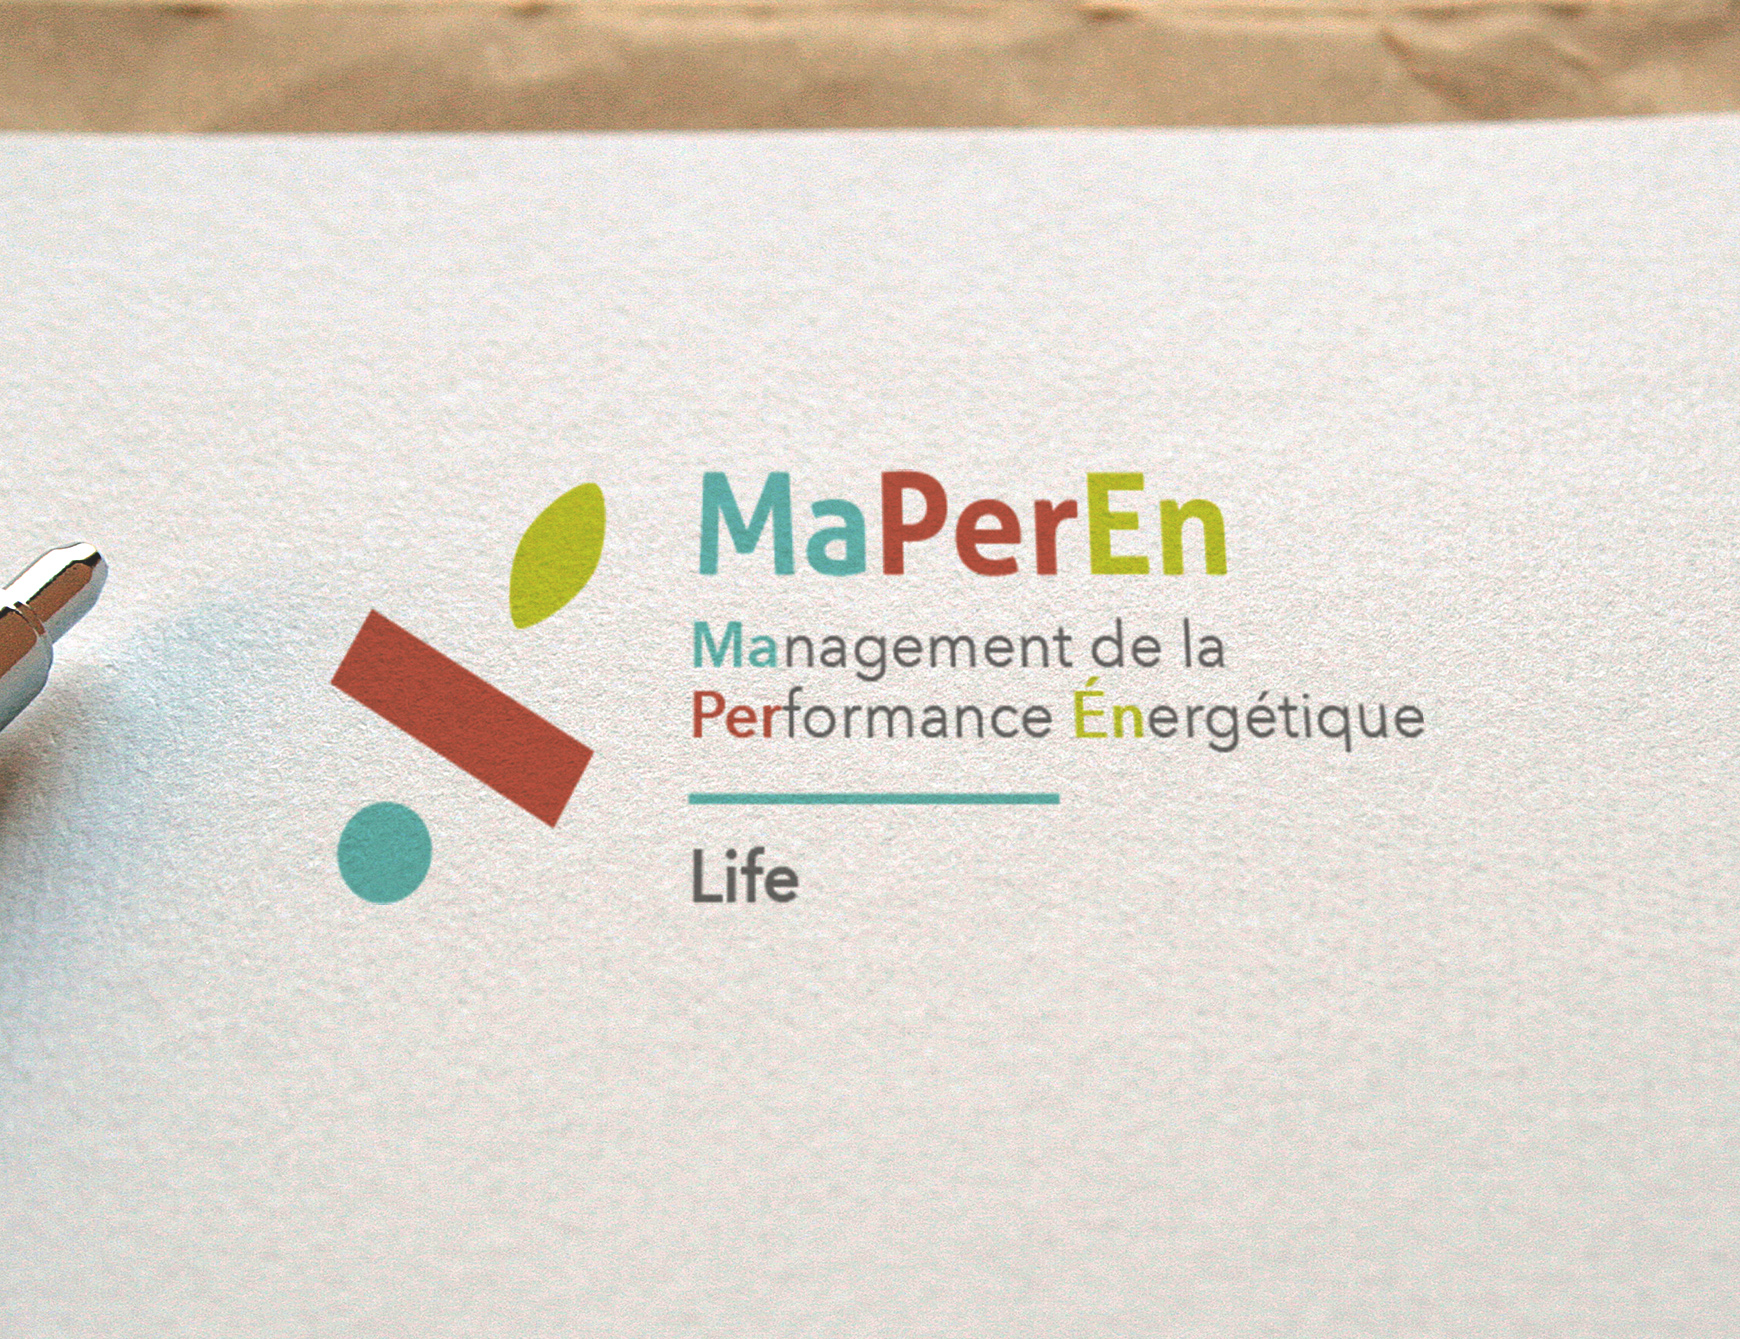 Création d'un logo et charte graphique